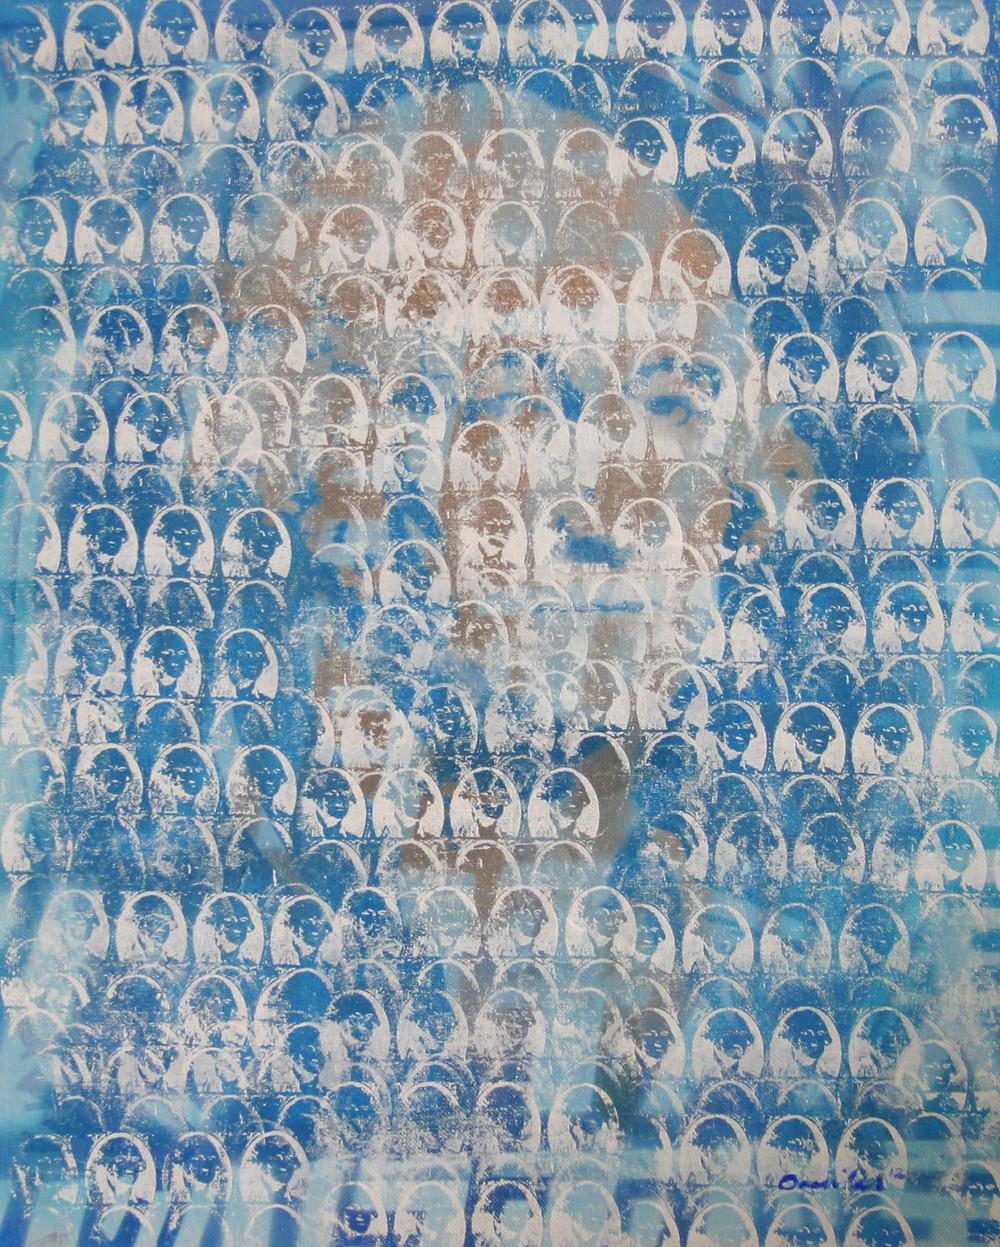 voce-concreta-orewiler-abstract-george-washington-silkscreen-modern-contemporary